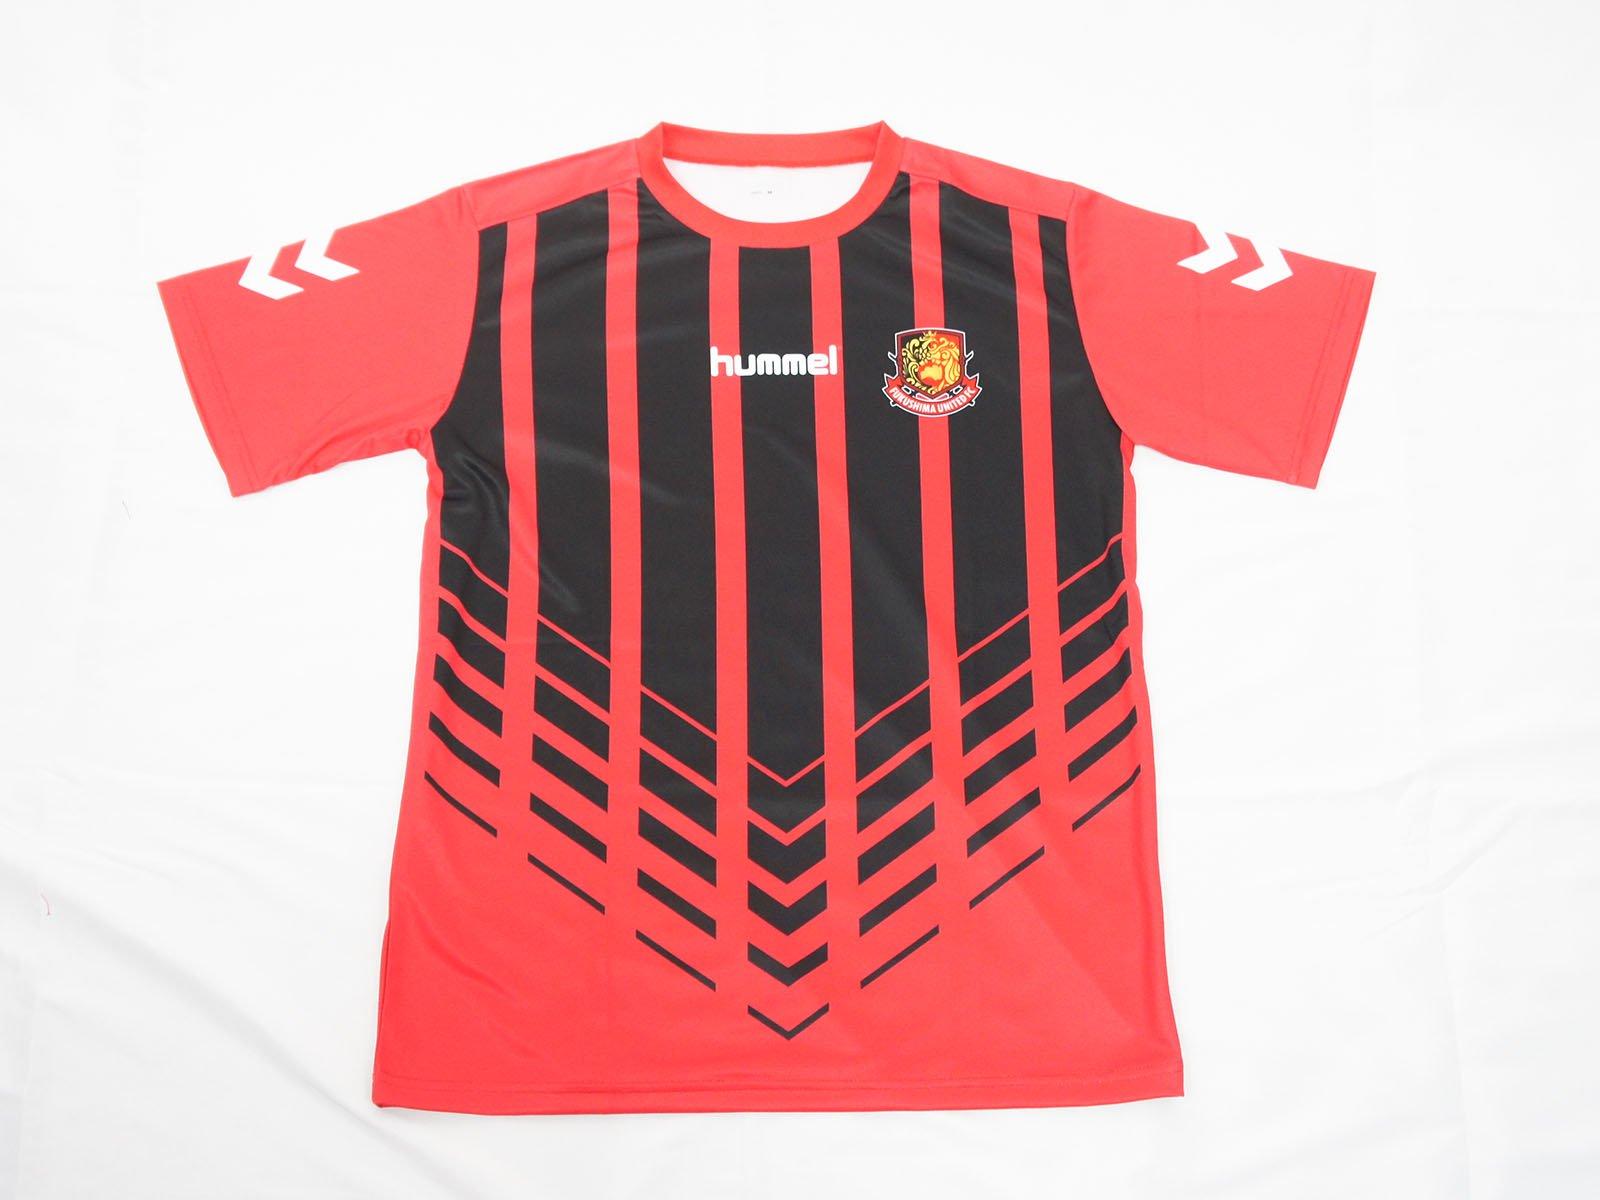 2020ユニフォーム型Tシャツ